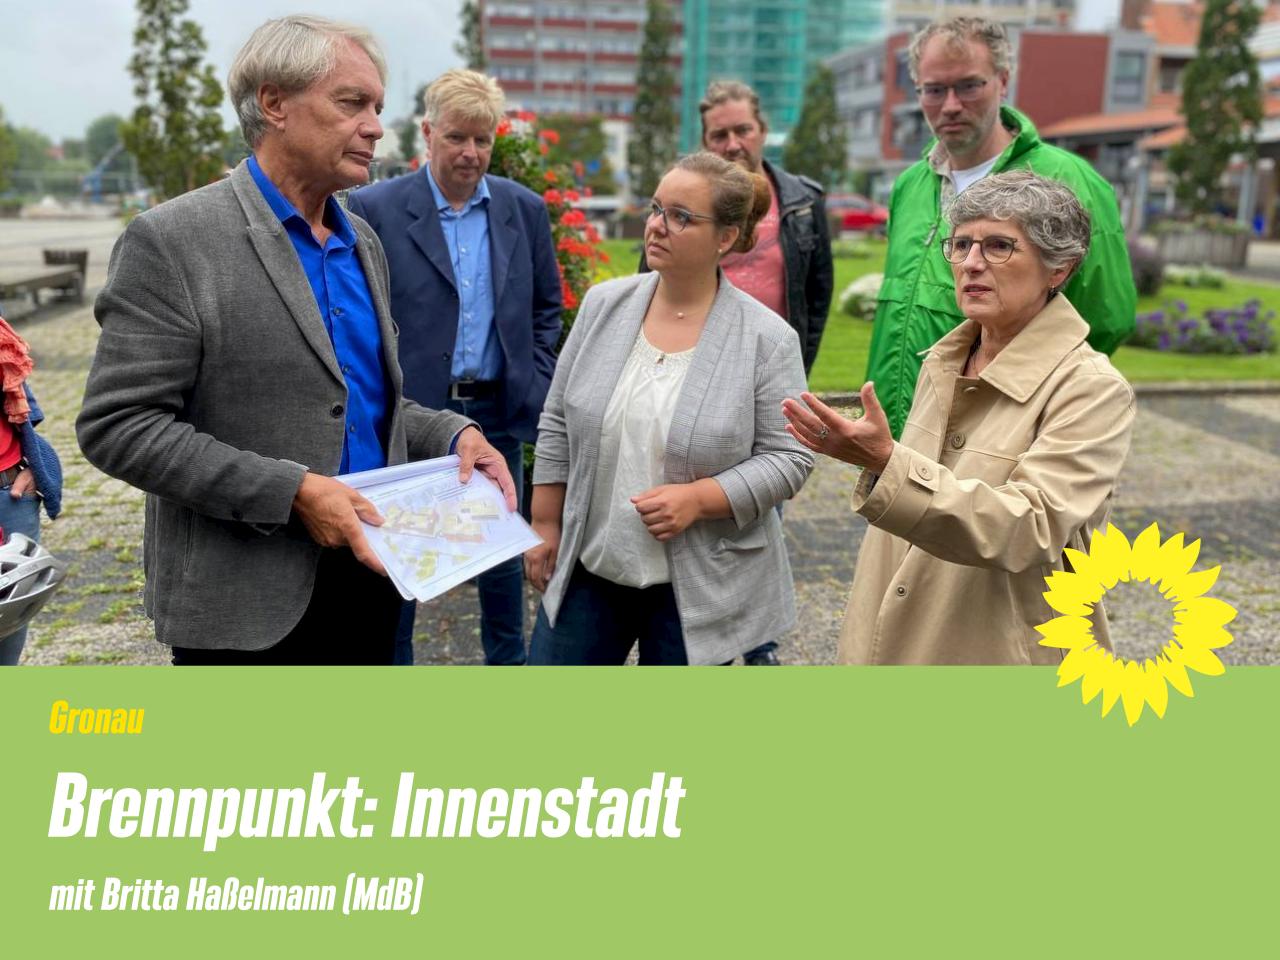 Stadtspaziergang in Gronau mit Britta Haßelmann (MdB)